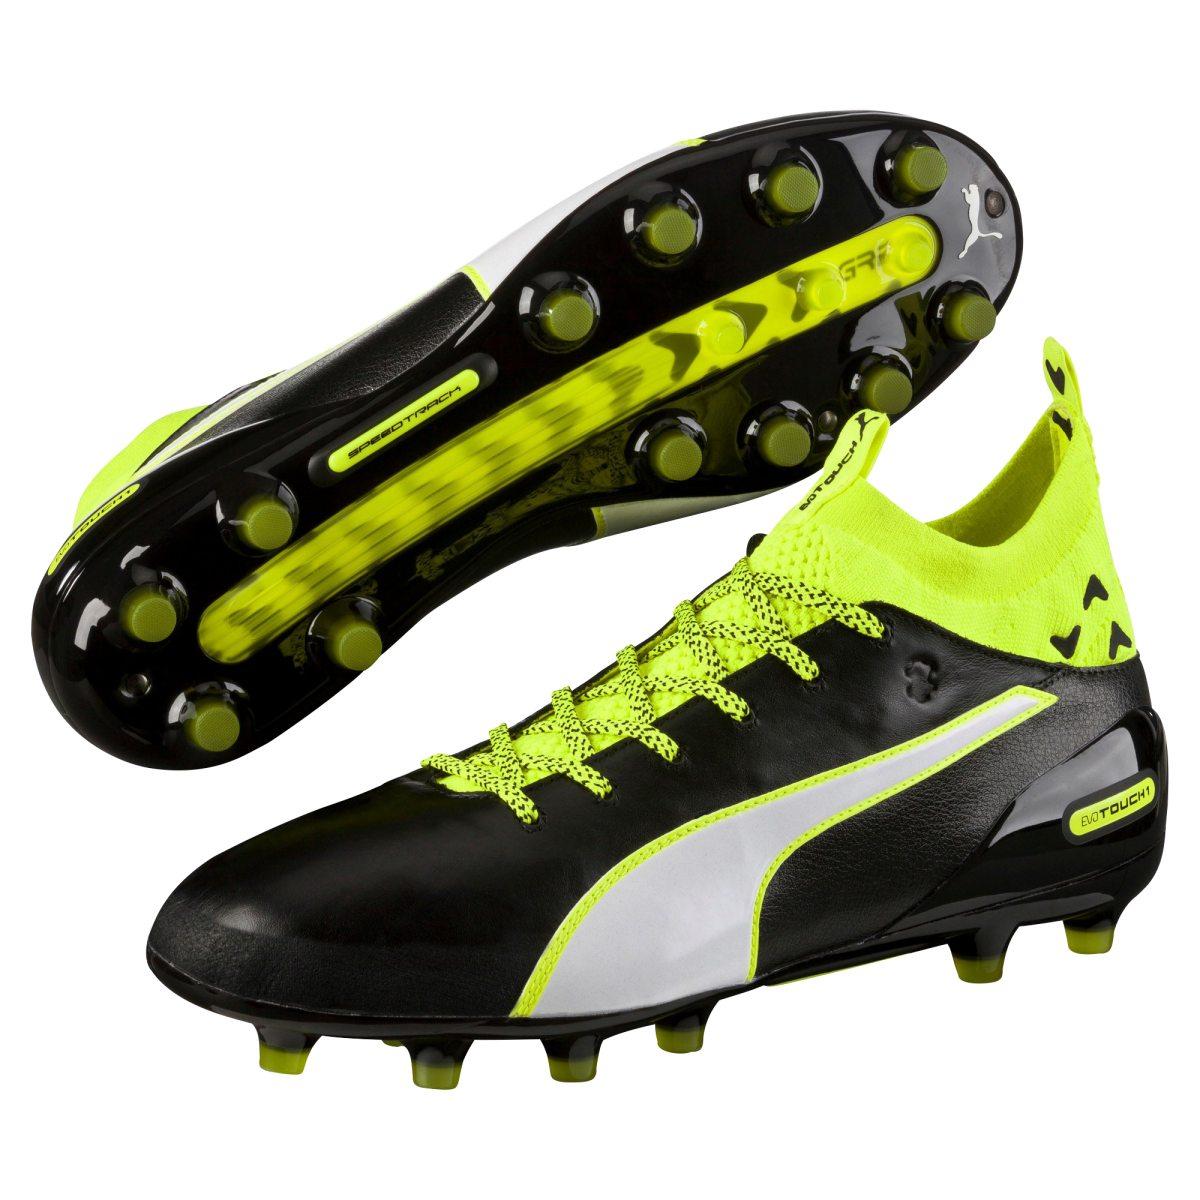 newest f9008 9f132 fotbollssko finns på PricePi.com. från xxl